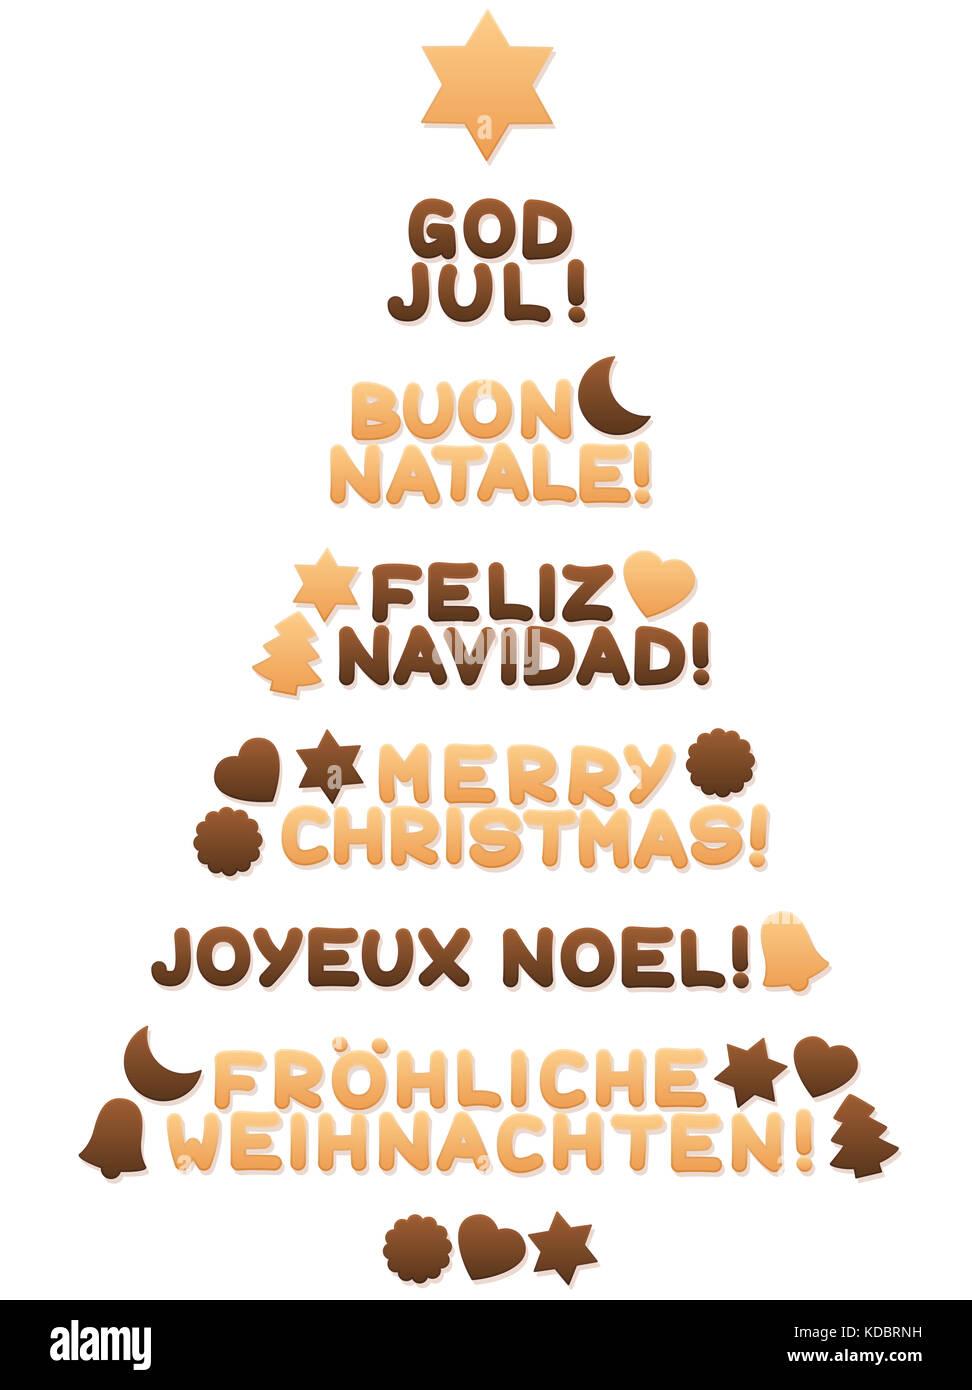 Weihnachten Spanisch